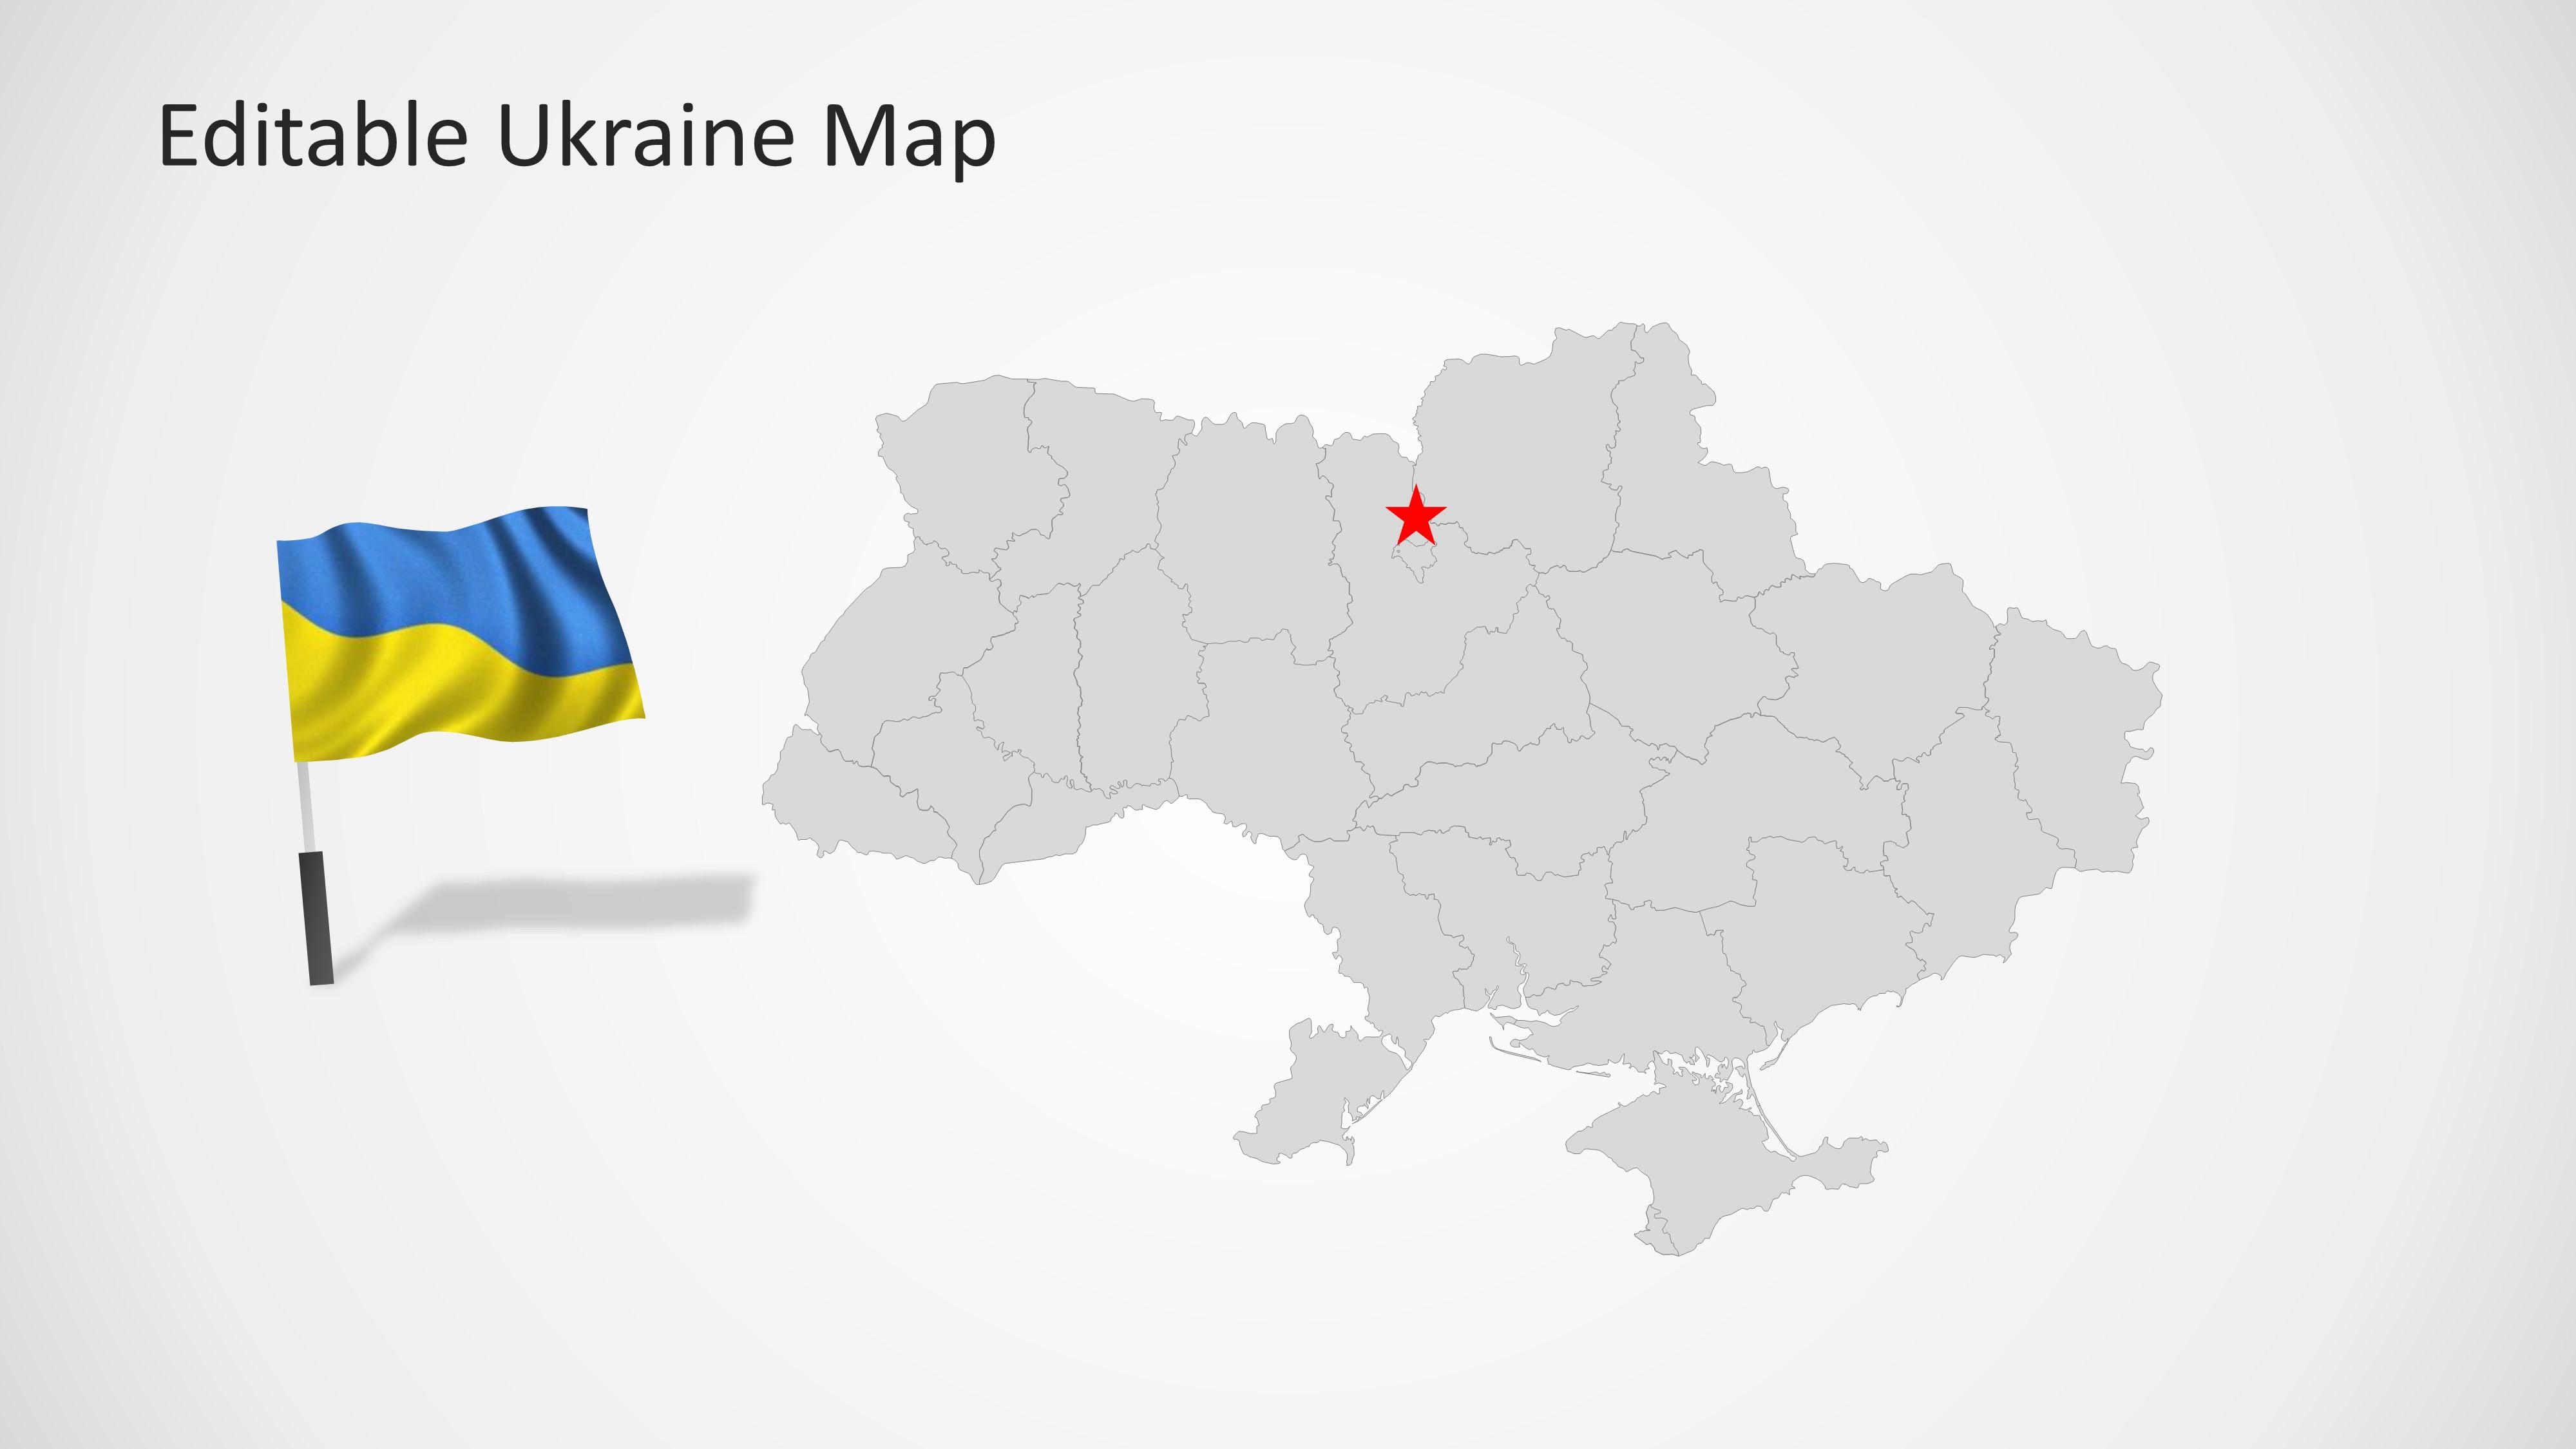 Ukraine Map Template for PowerPoint - SlideModel